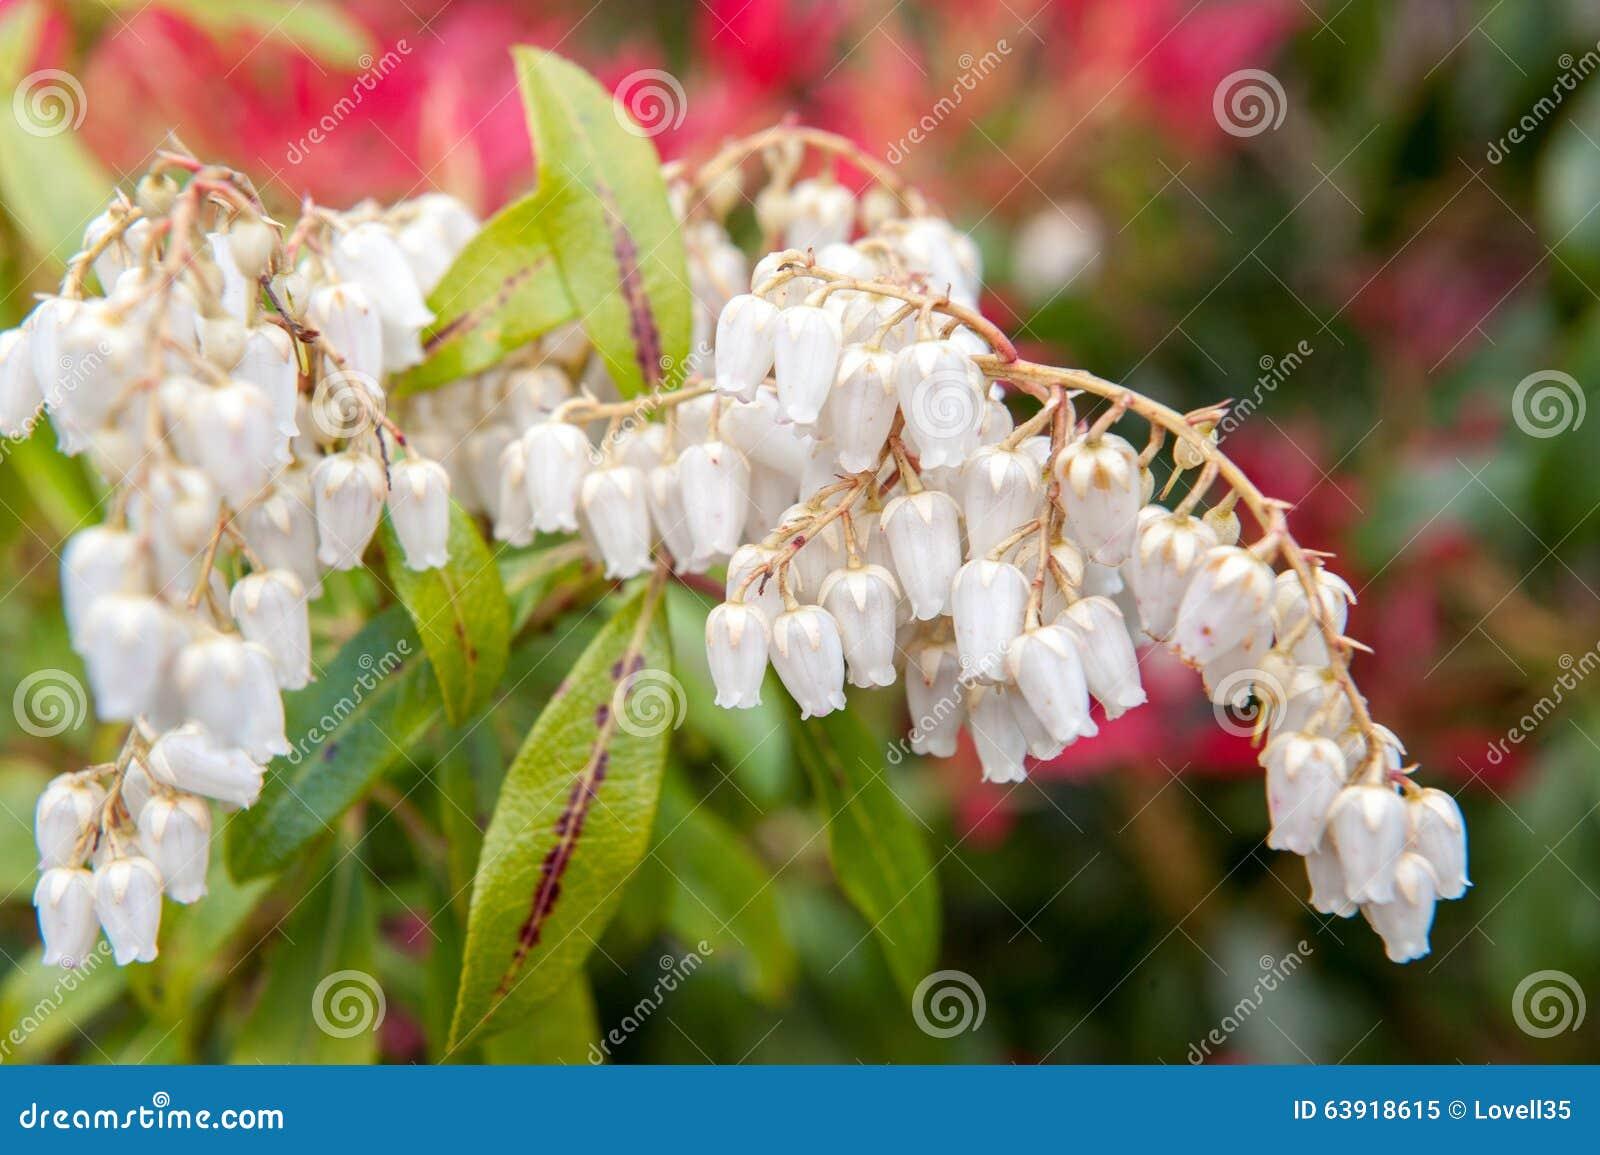 Cloches De Fleur Blanche Image Stock Image Du Bois Saison 63918615